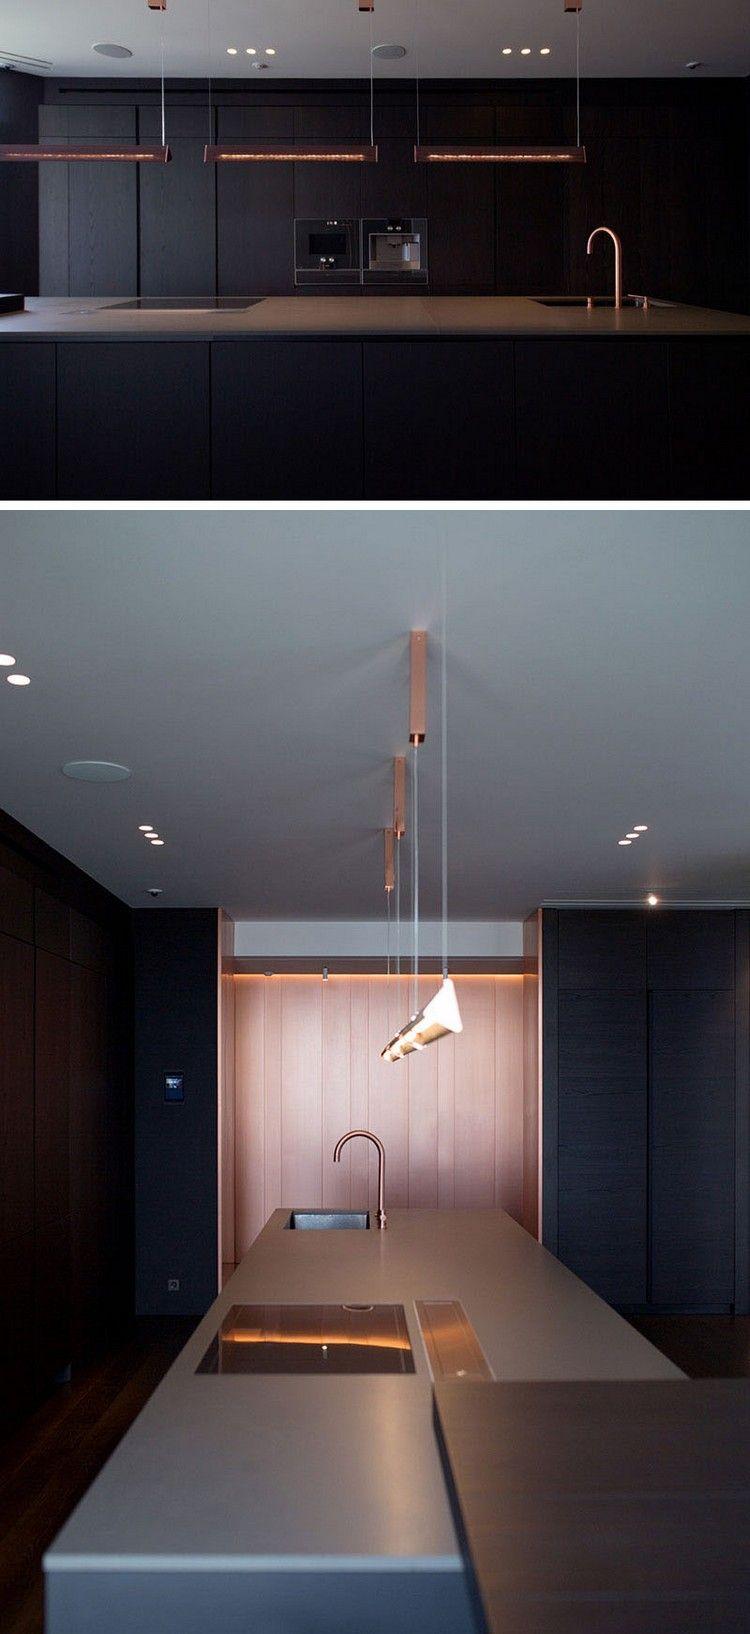 grifflose schwarze küche kupfer akzente pendelleuchten #innendesign ...